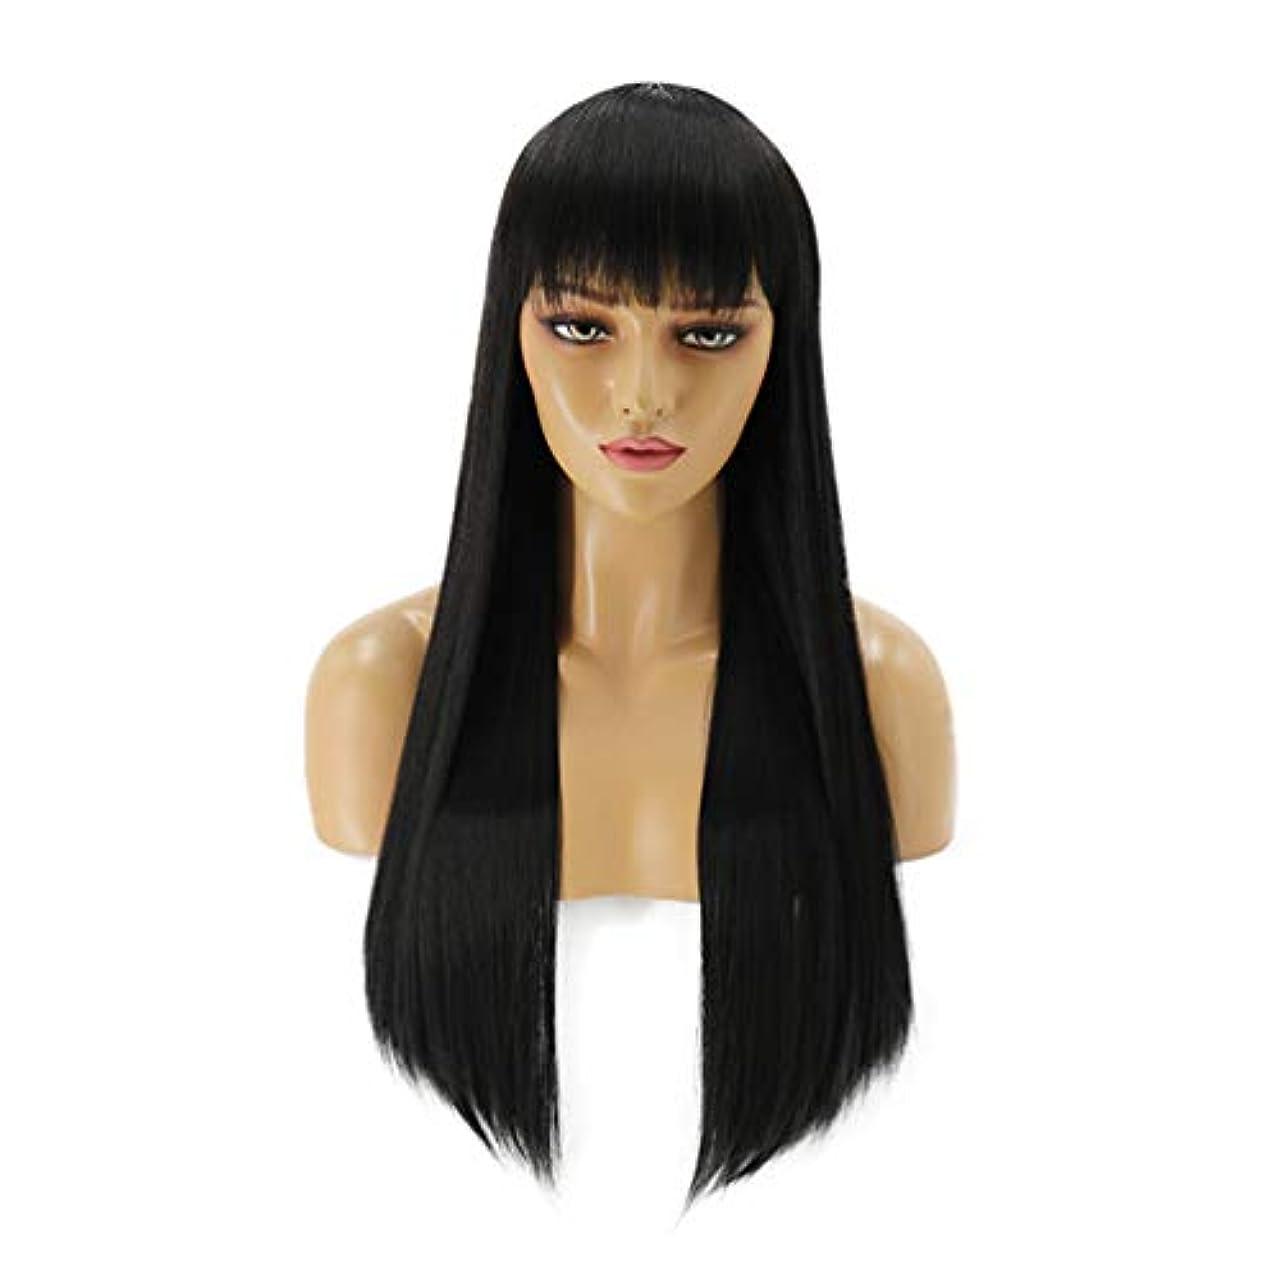 処方まだ子女性150%密度髪合成かつらロングストレート耐熱髪事前摘み取らかつら黒70センチ